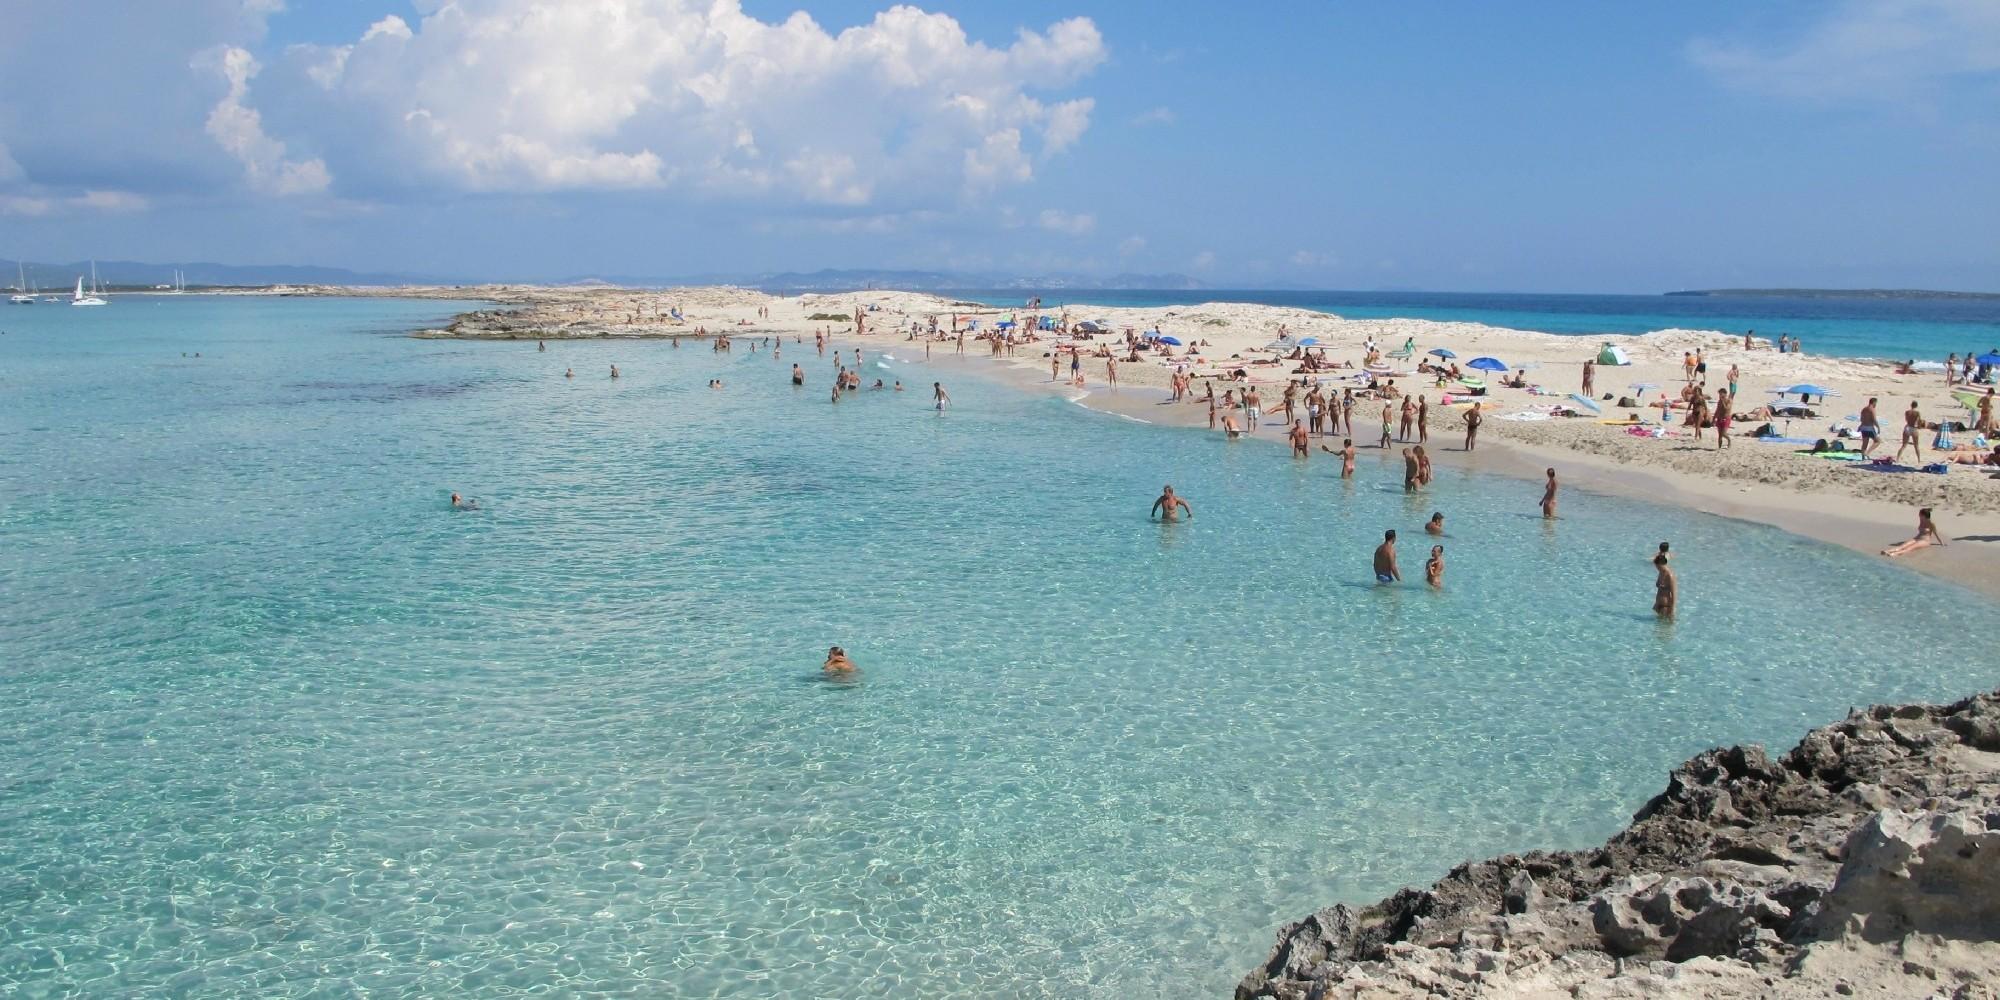 Las mejores playas de Espaa y del mundo de 2015 segn